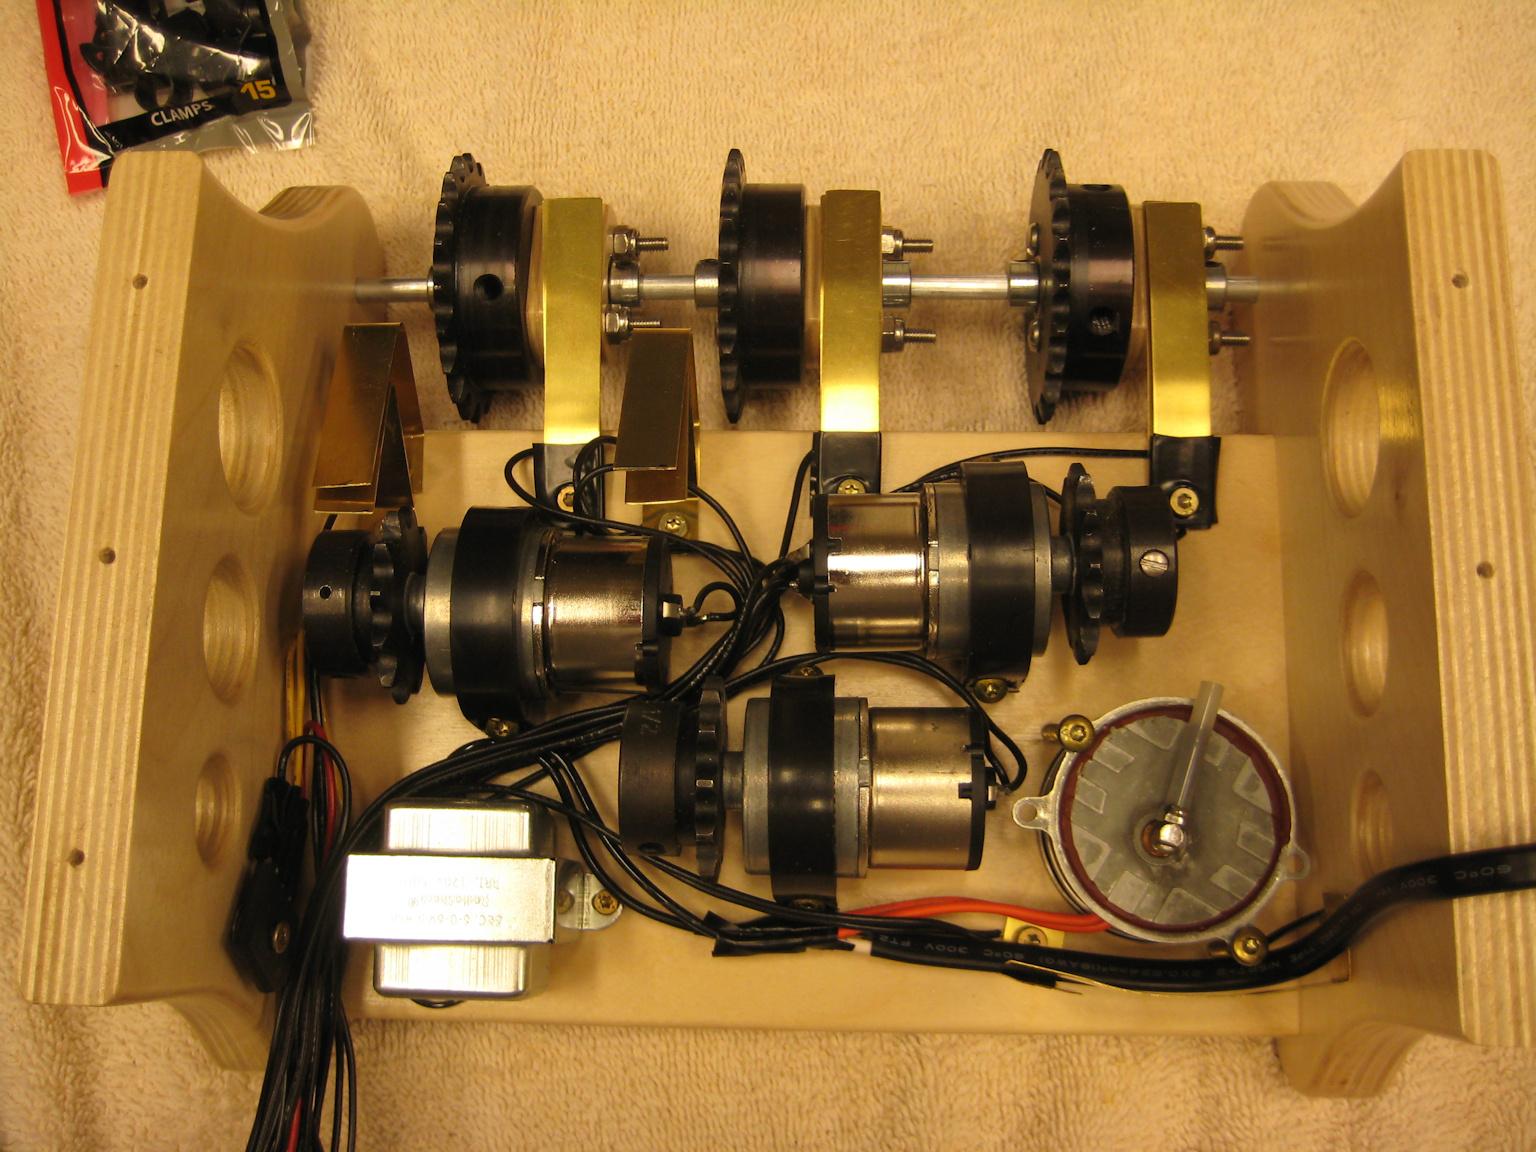 ChainClock-12.6-50.jpg